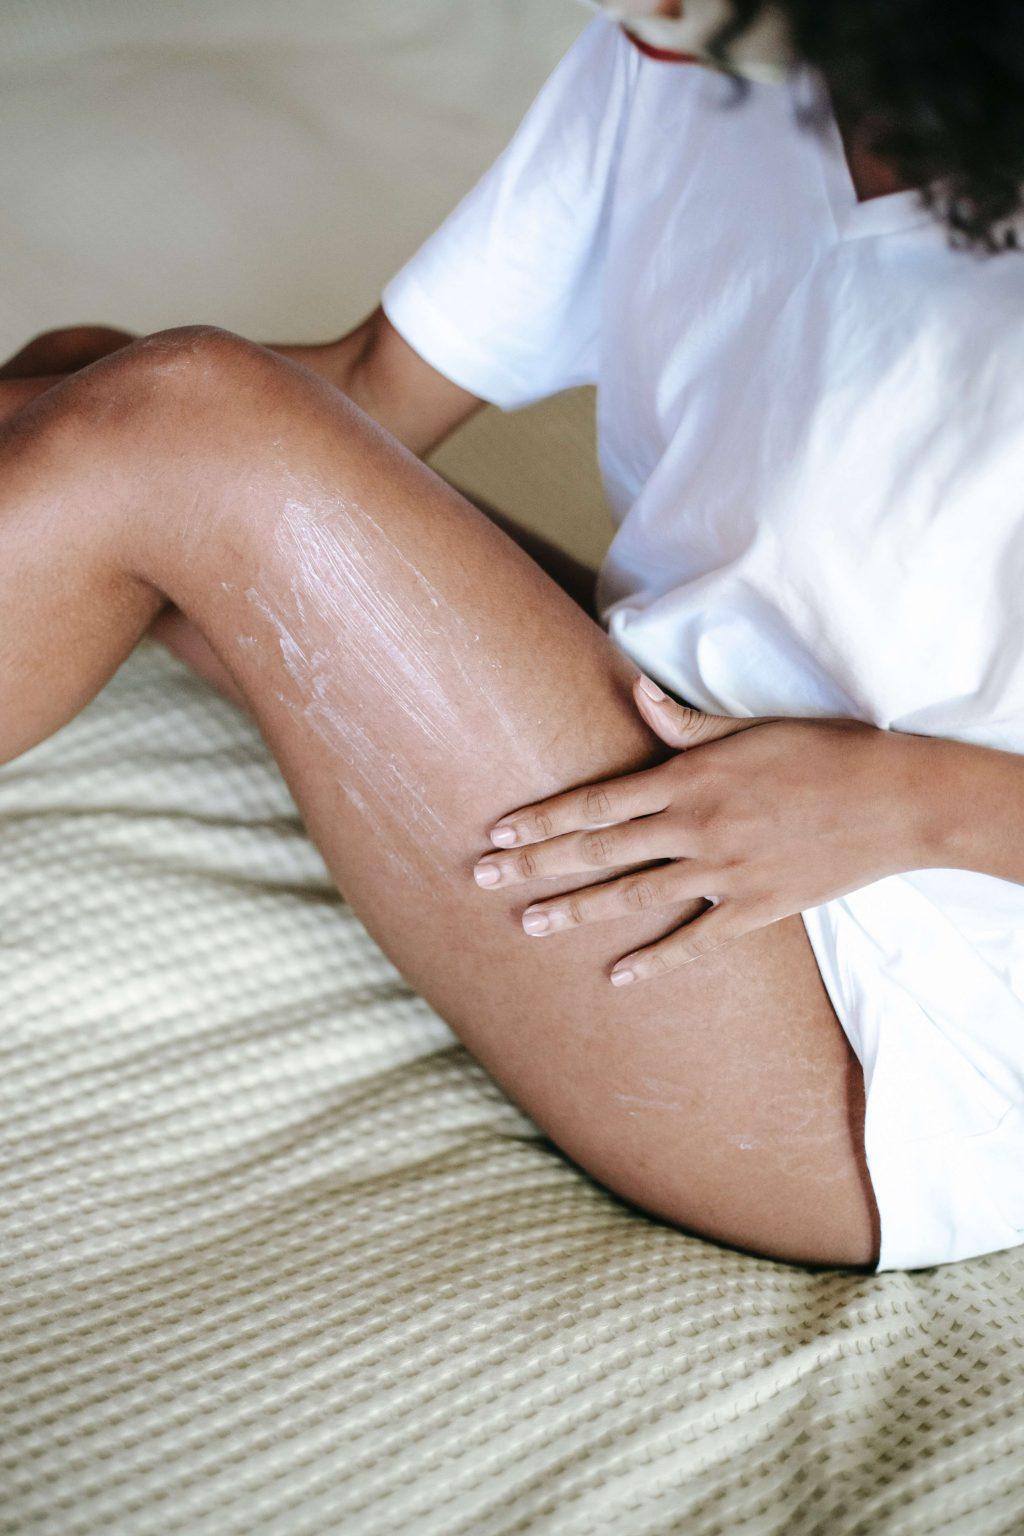 Dưỡng ẩm là cách để ngăn ngừa viêm nang lông.